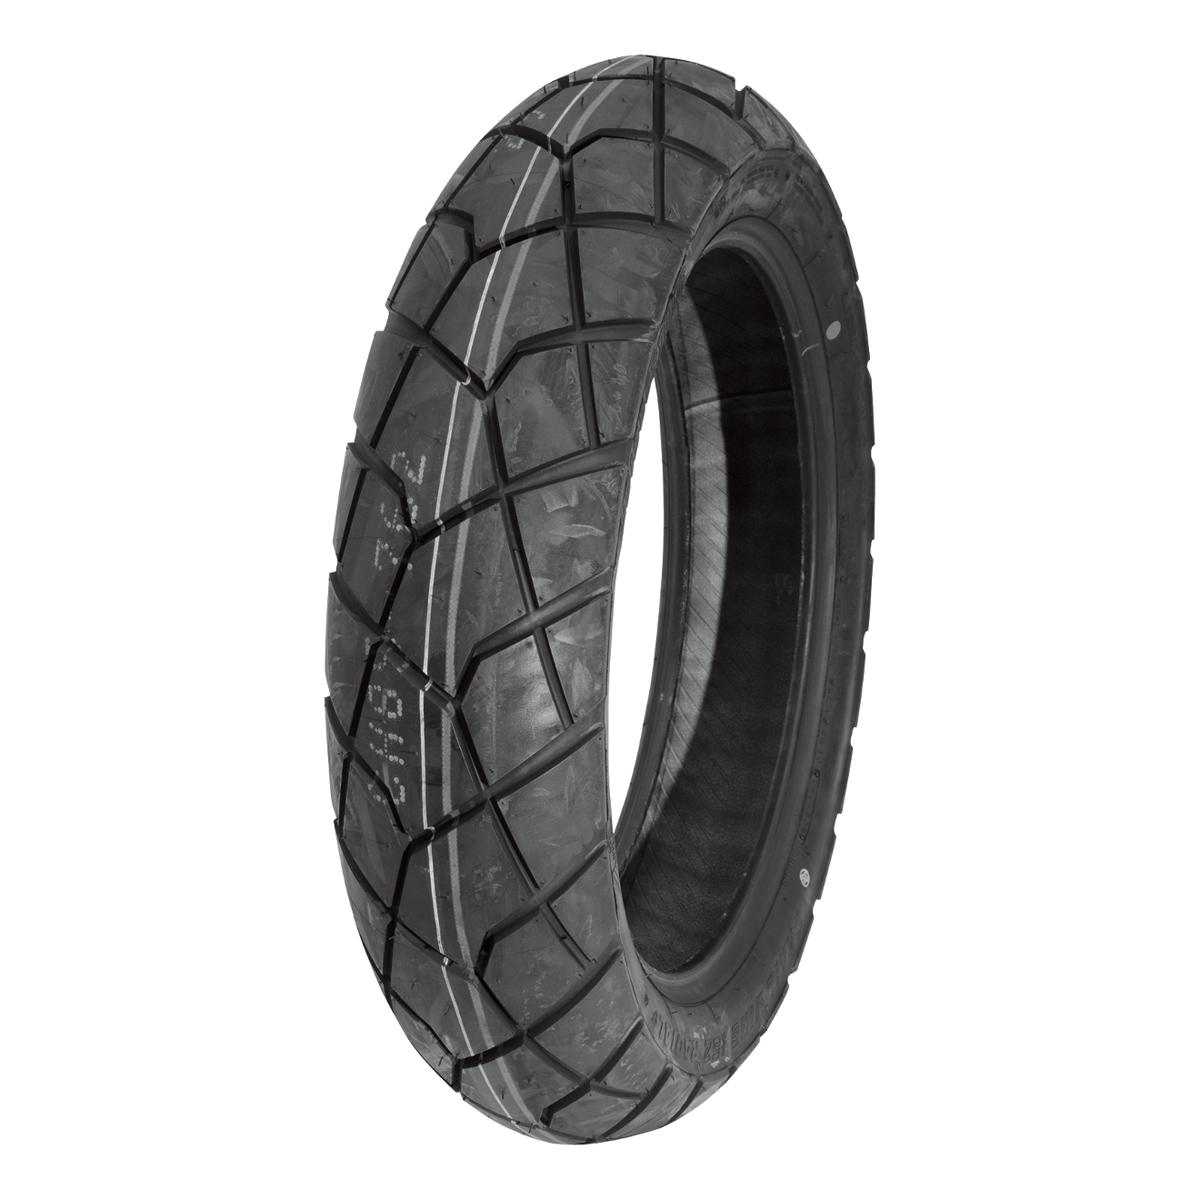 Bridgestone TW152 130/80R17 Rear Tire